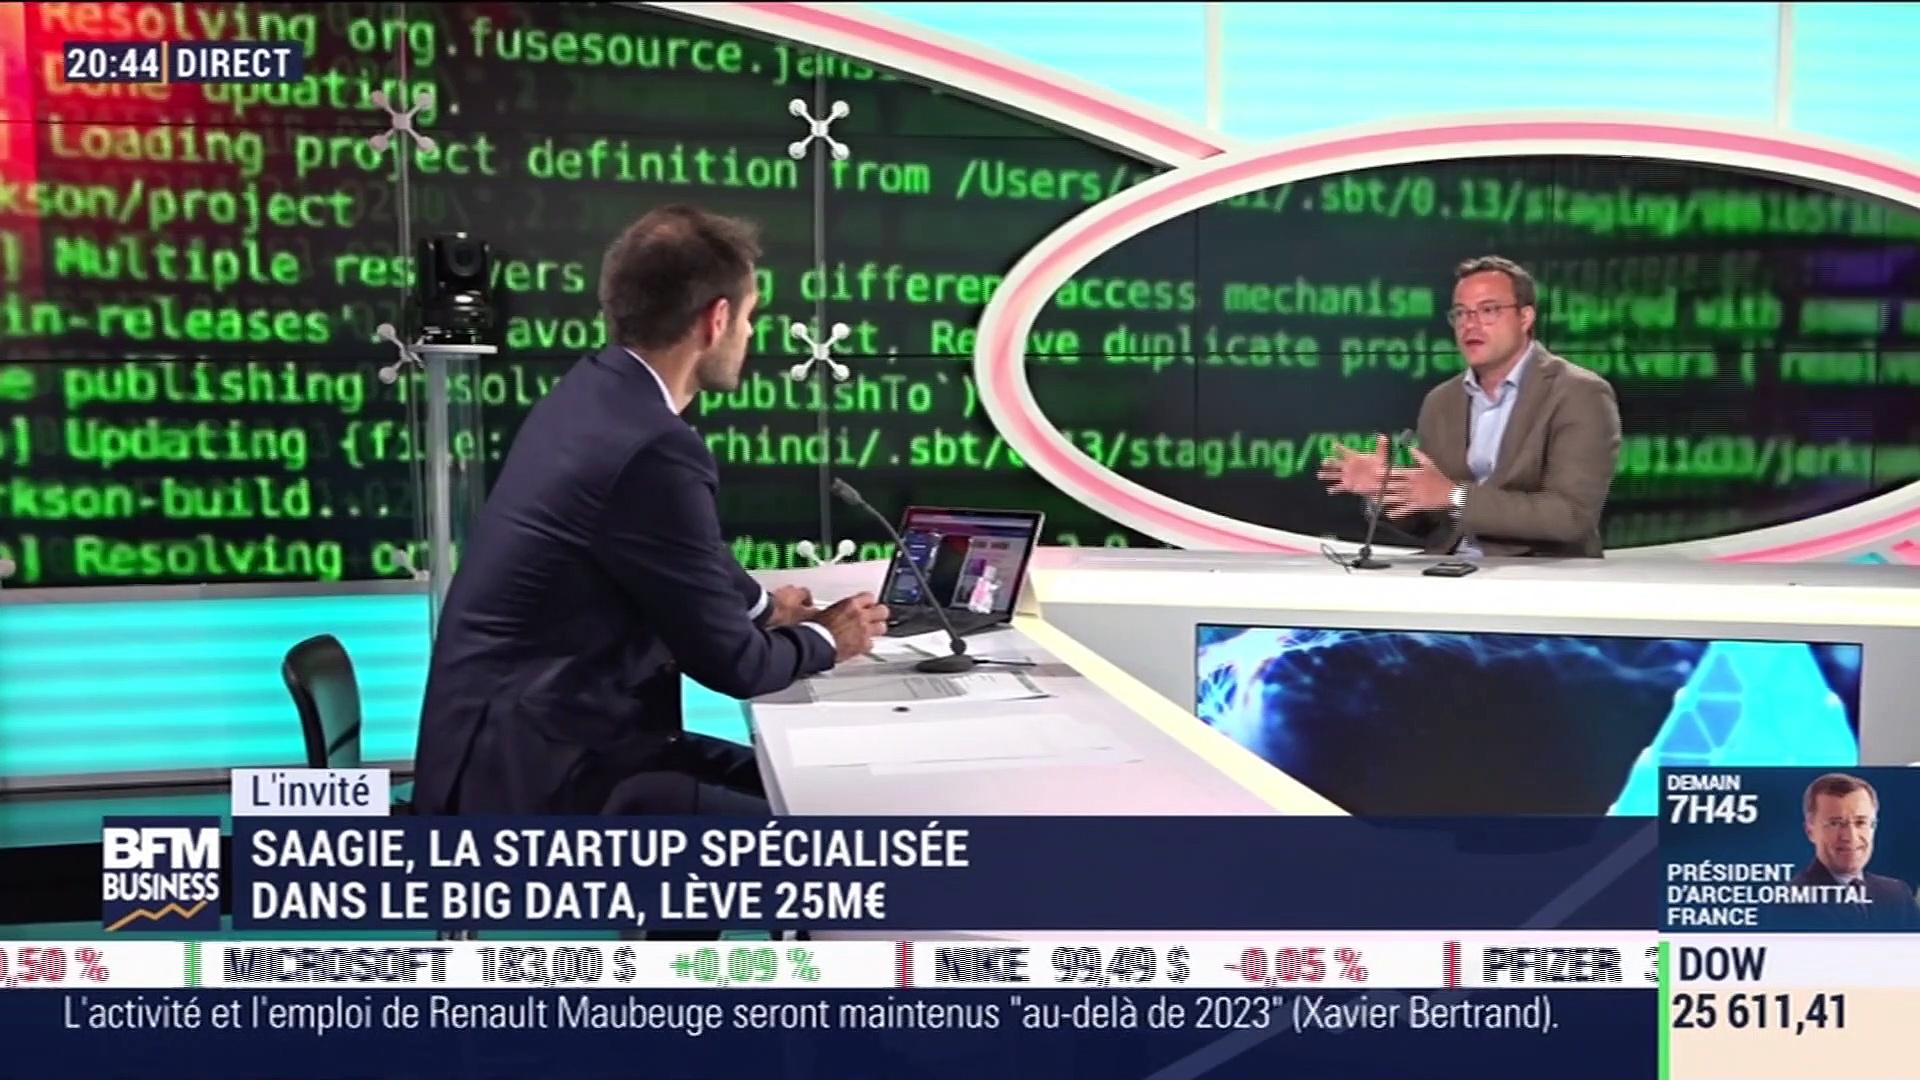 Start up & co: Saagie, la startup spécialisée dans le Big Data, lève 25M€  – 02/06